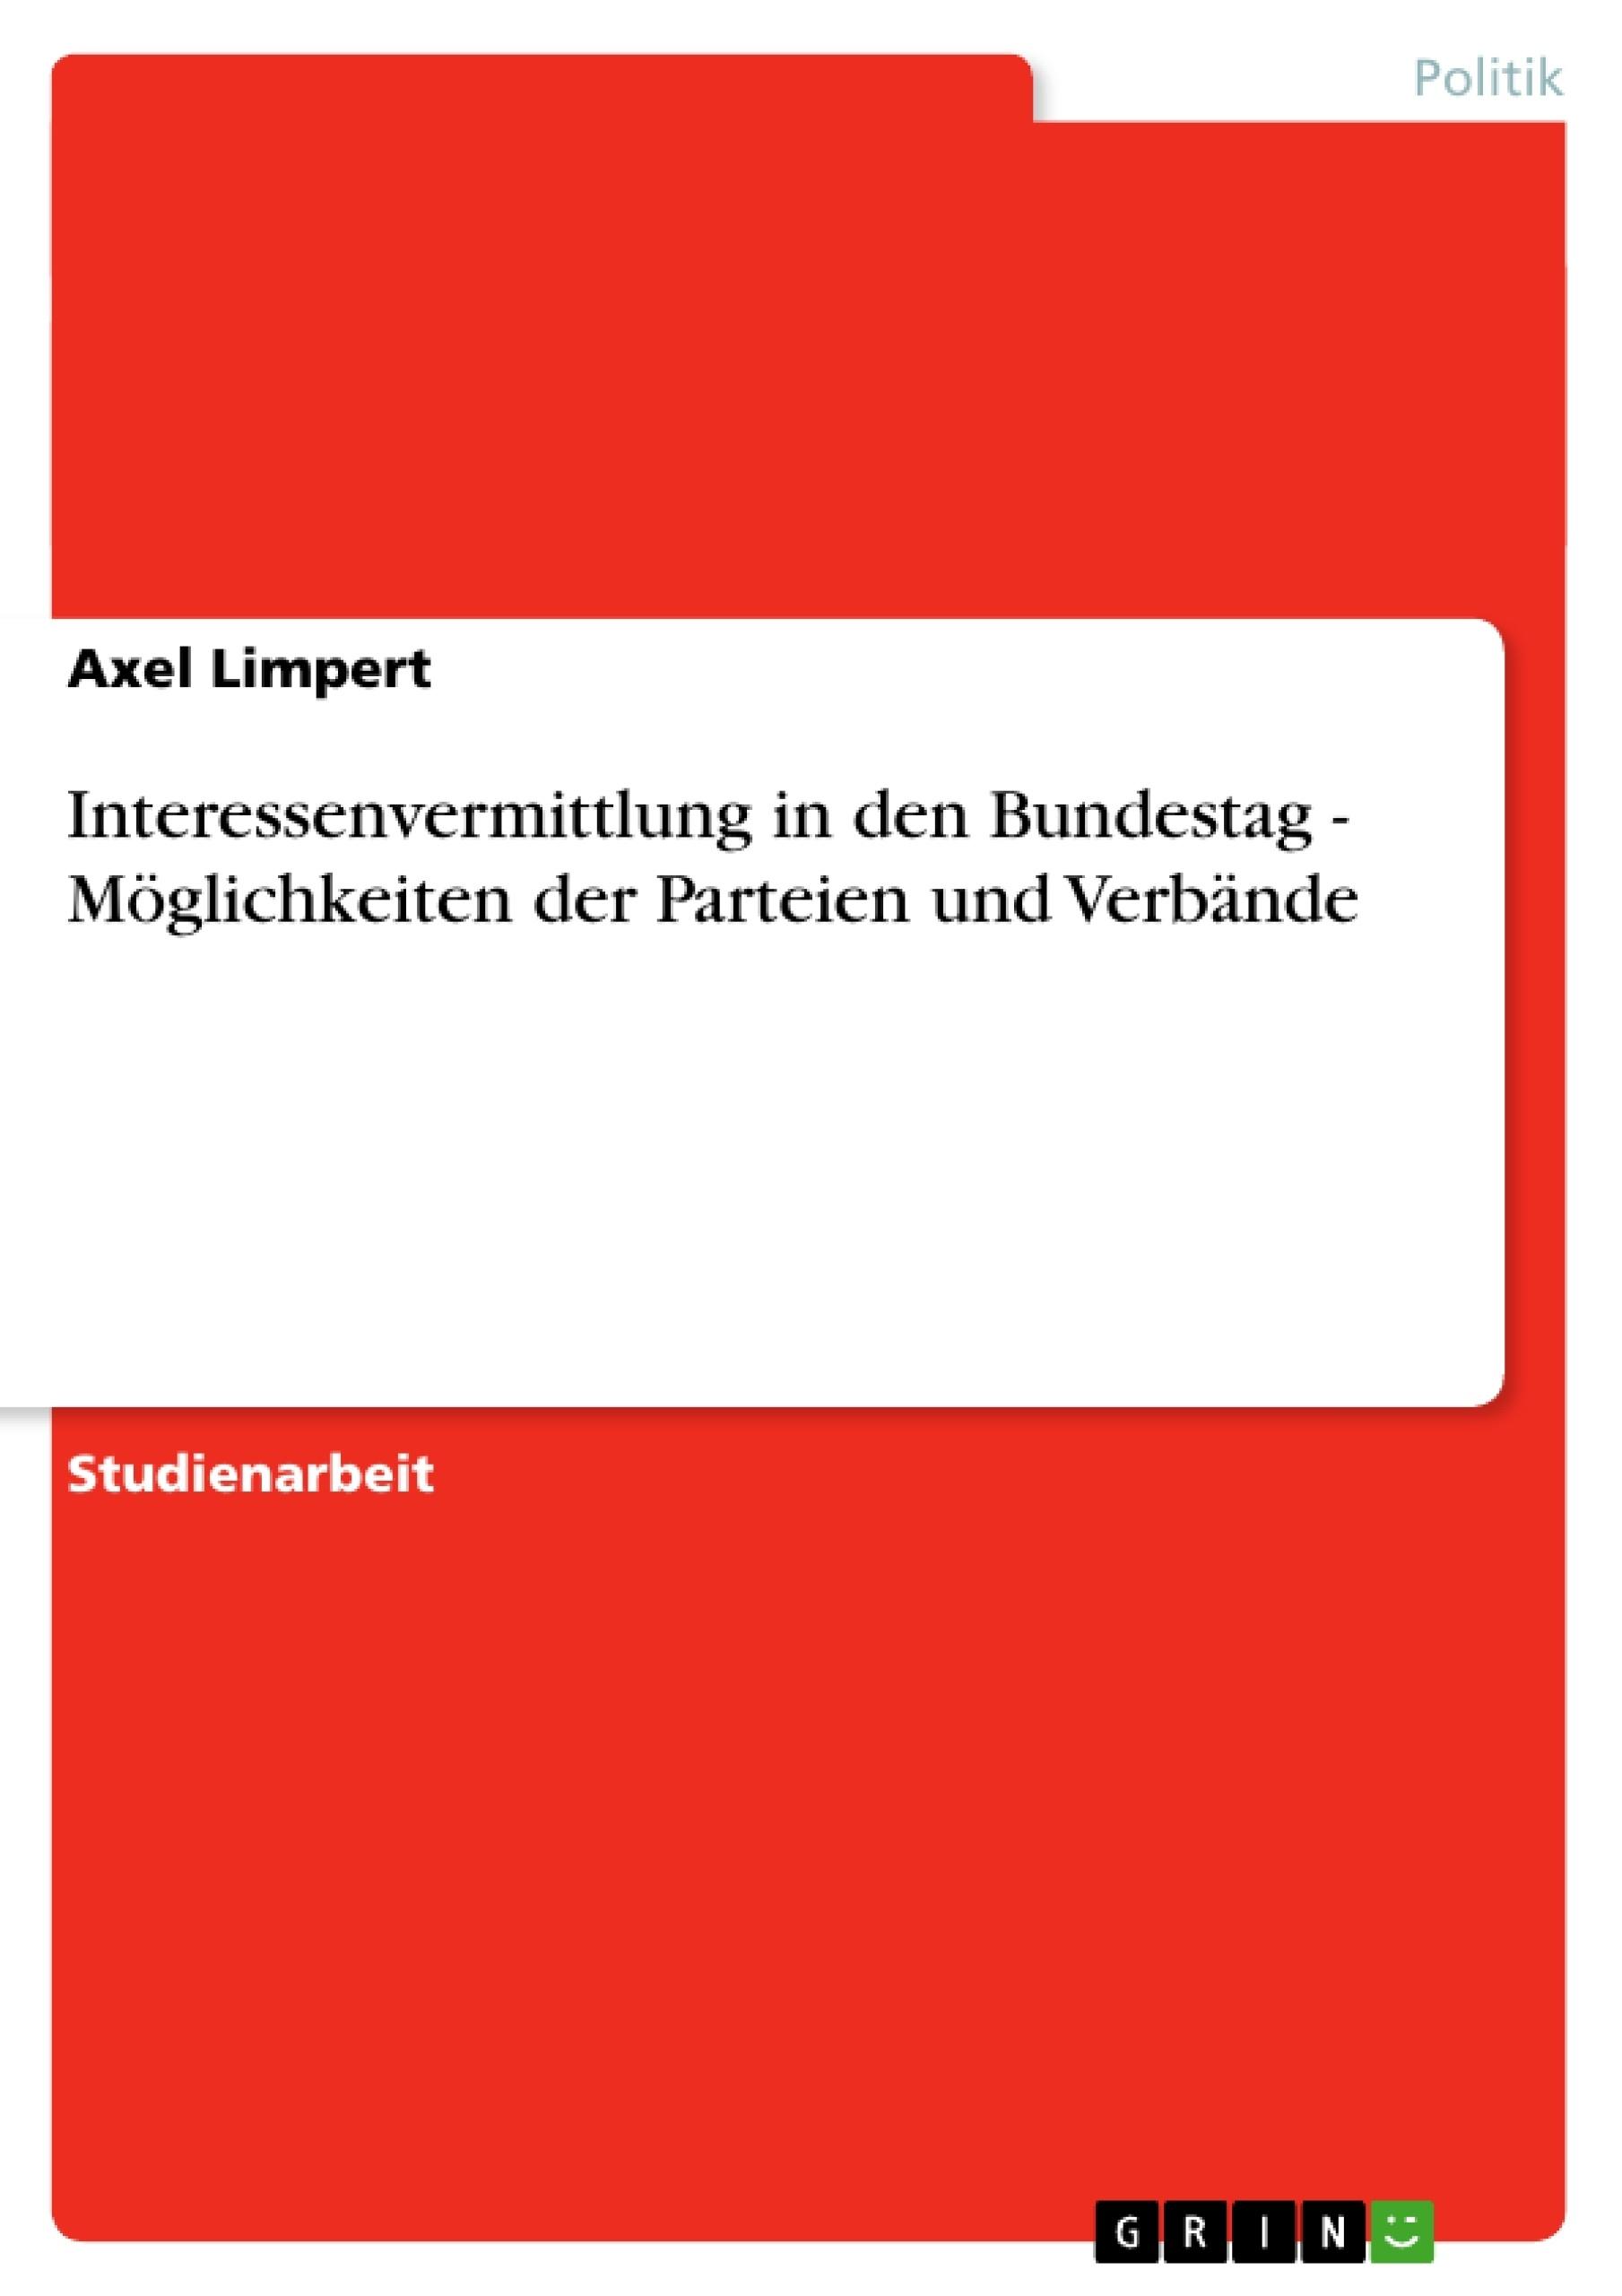 Titel: Interessenvermittlung in den Bundestag - Möglichkeiten der Parteien und Verbände